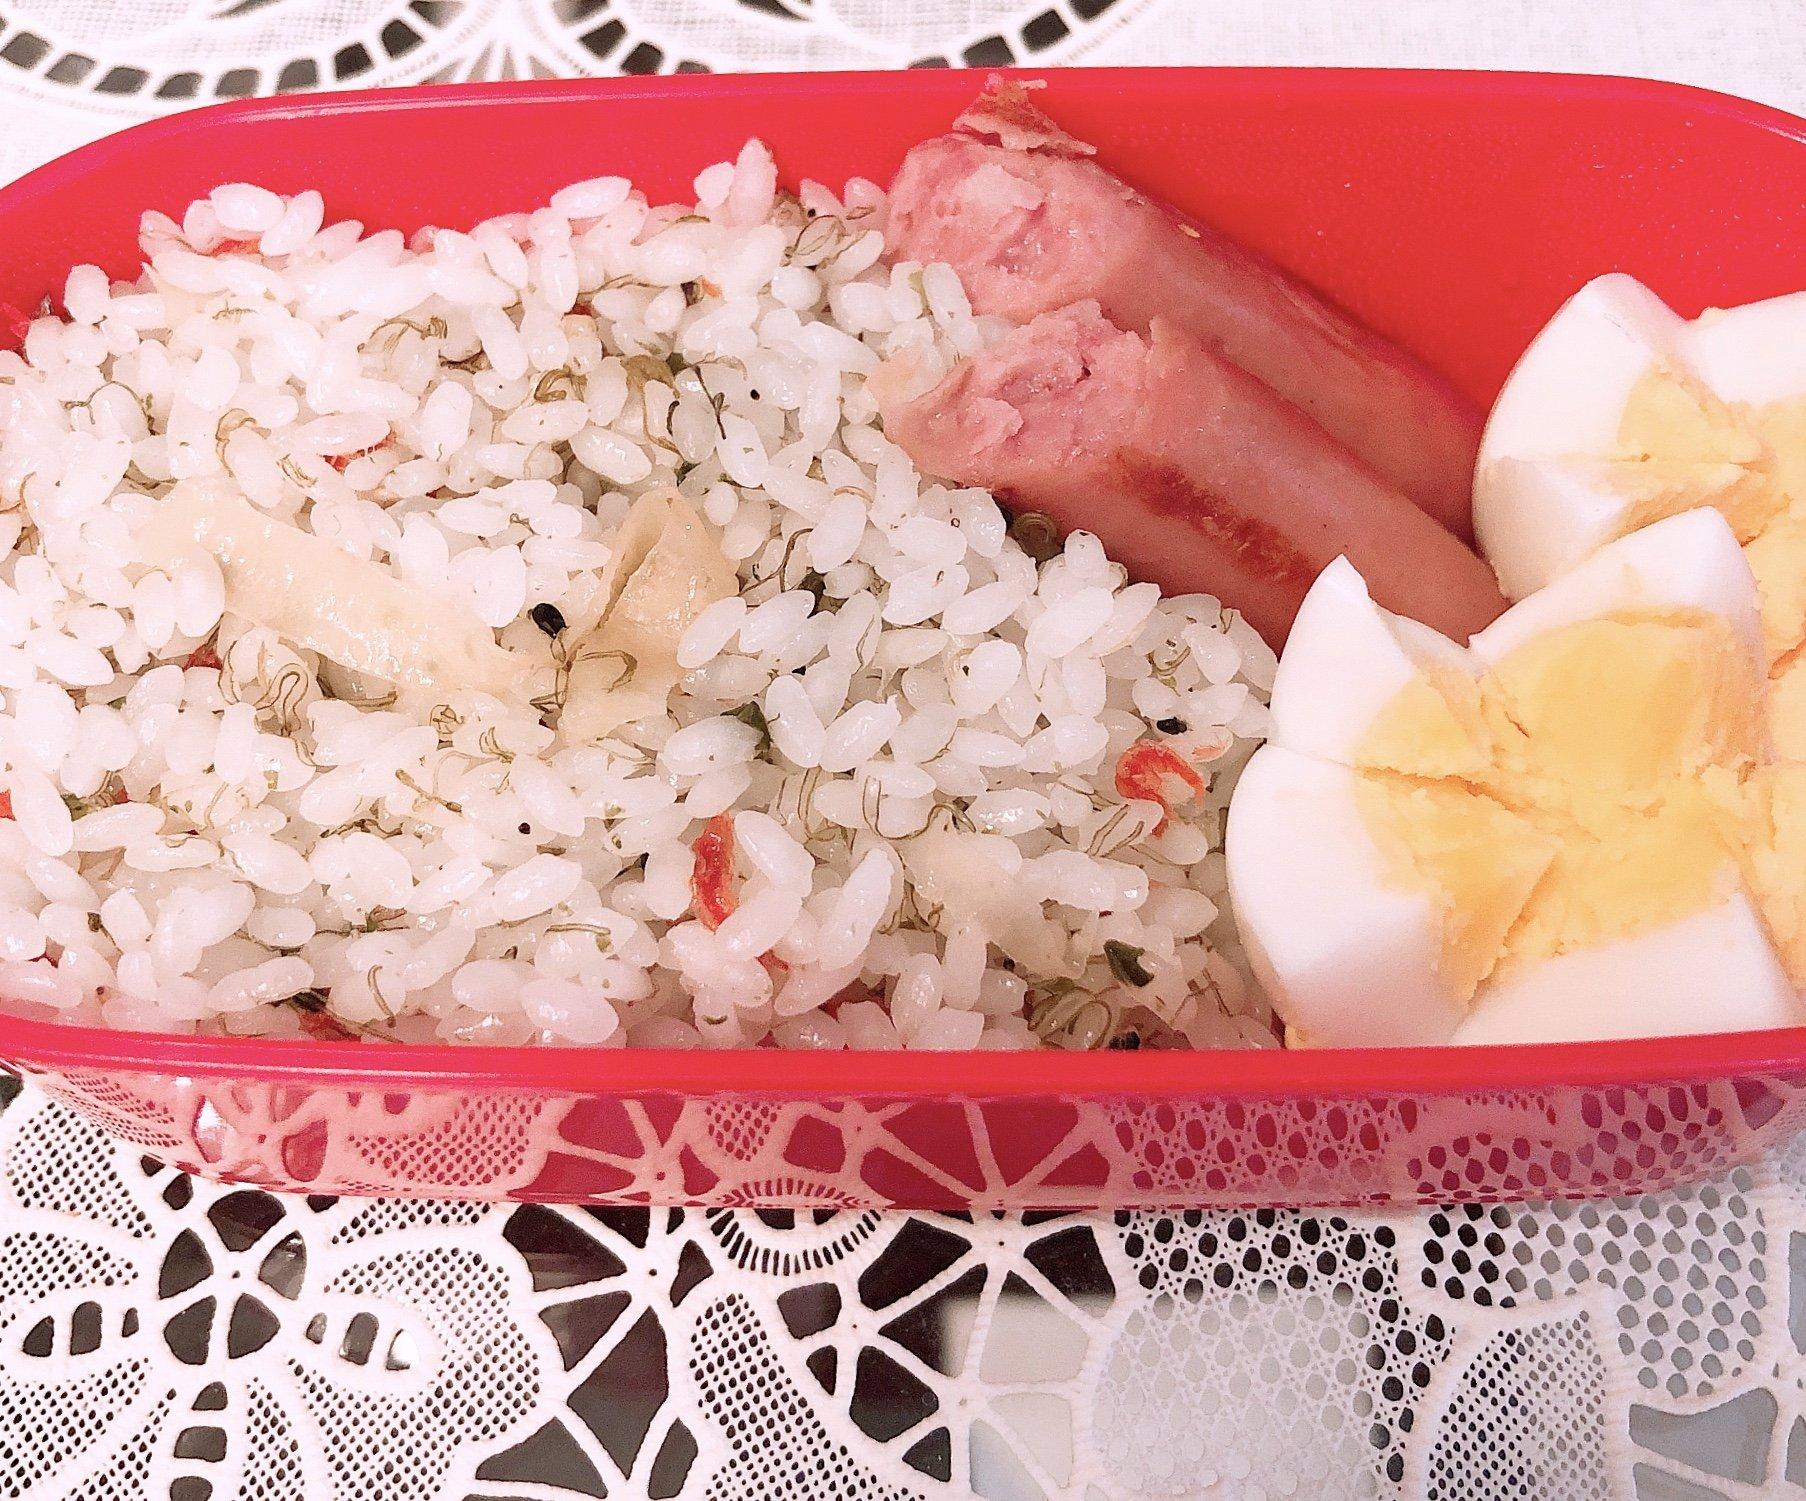 りなの今日のお昼ごはん!お弁当作ったよ!!中身はシンプルだ…